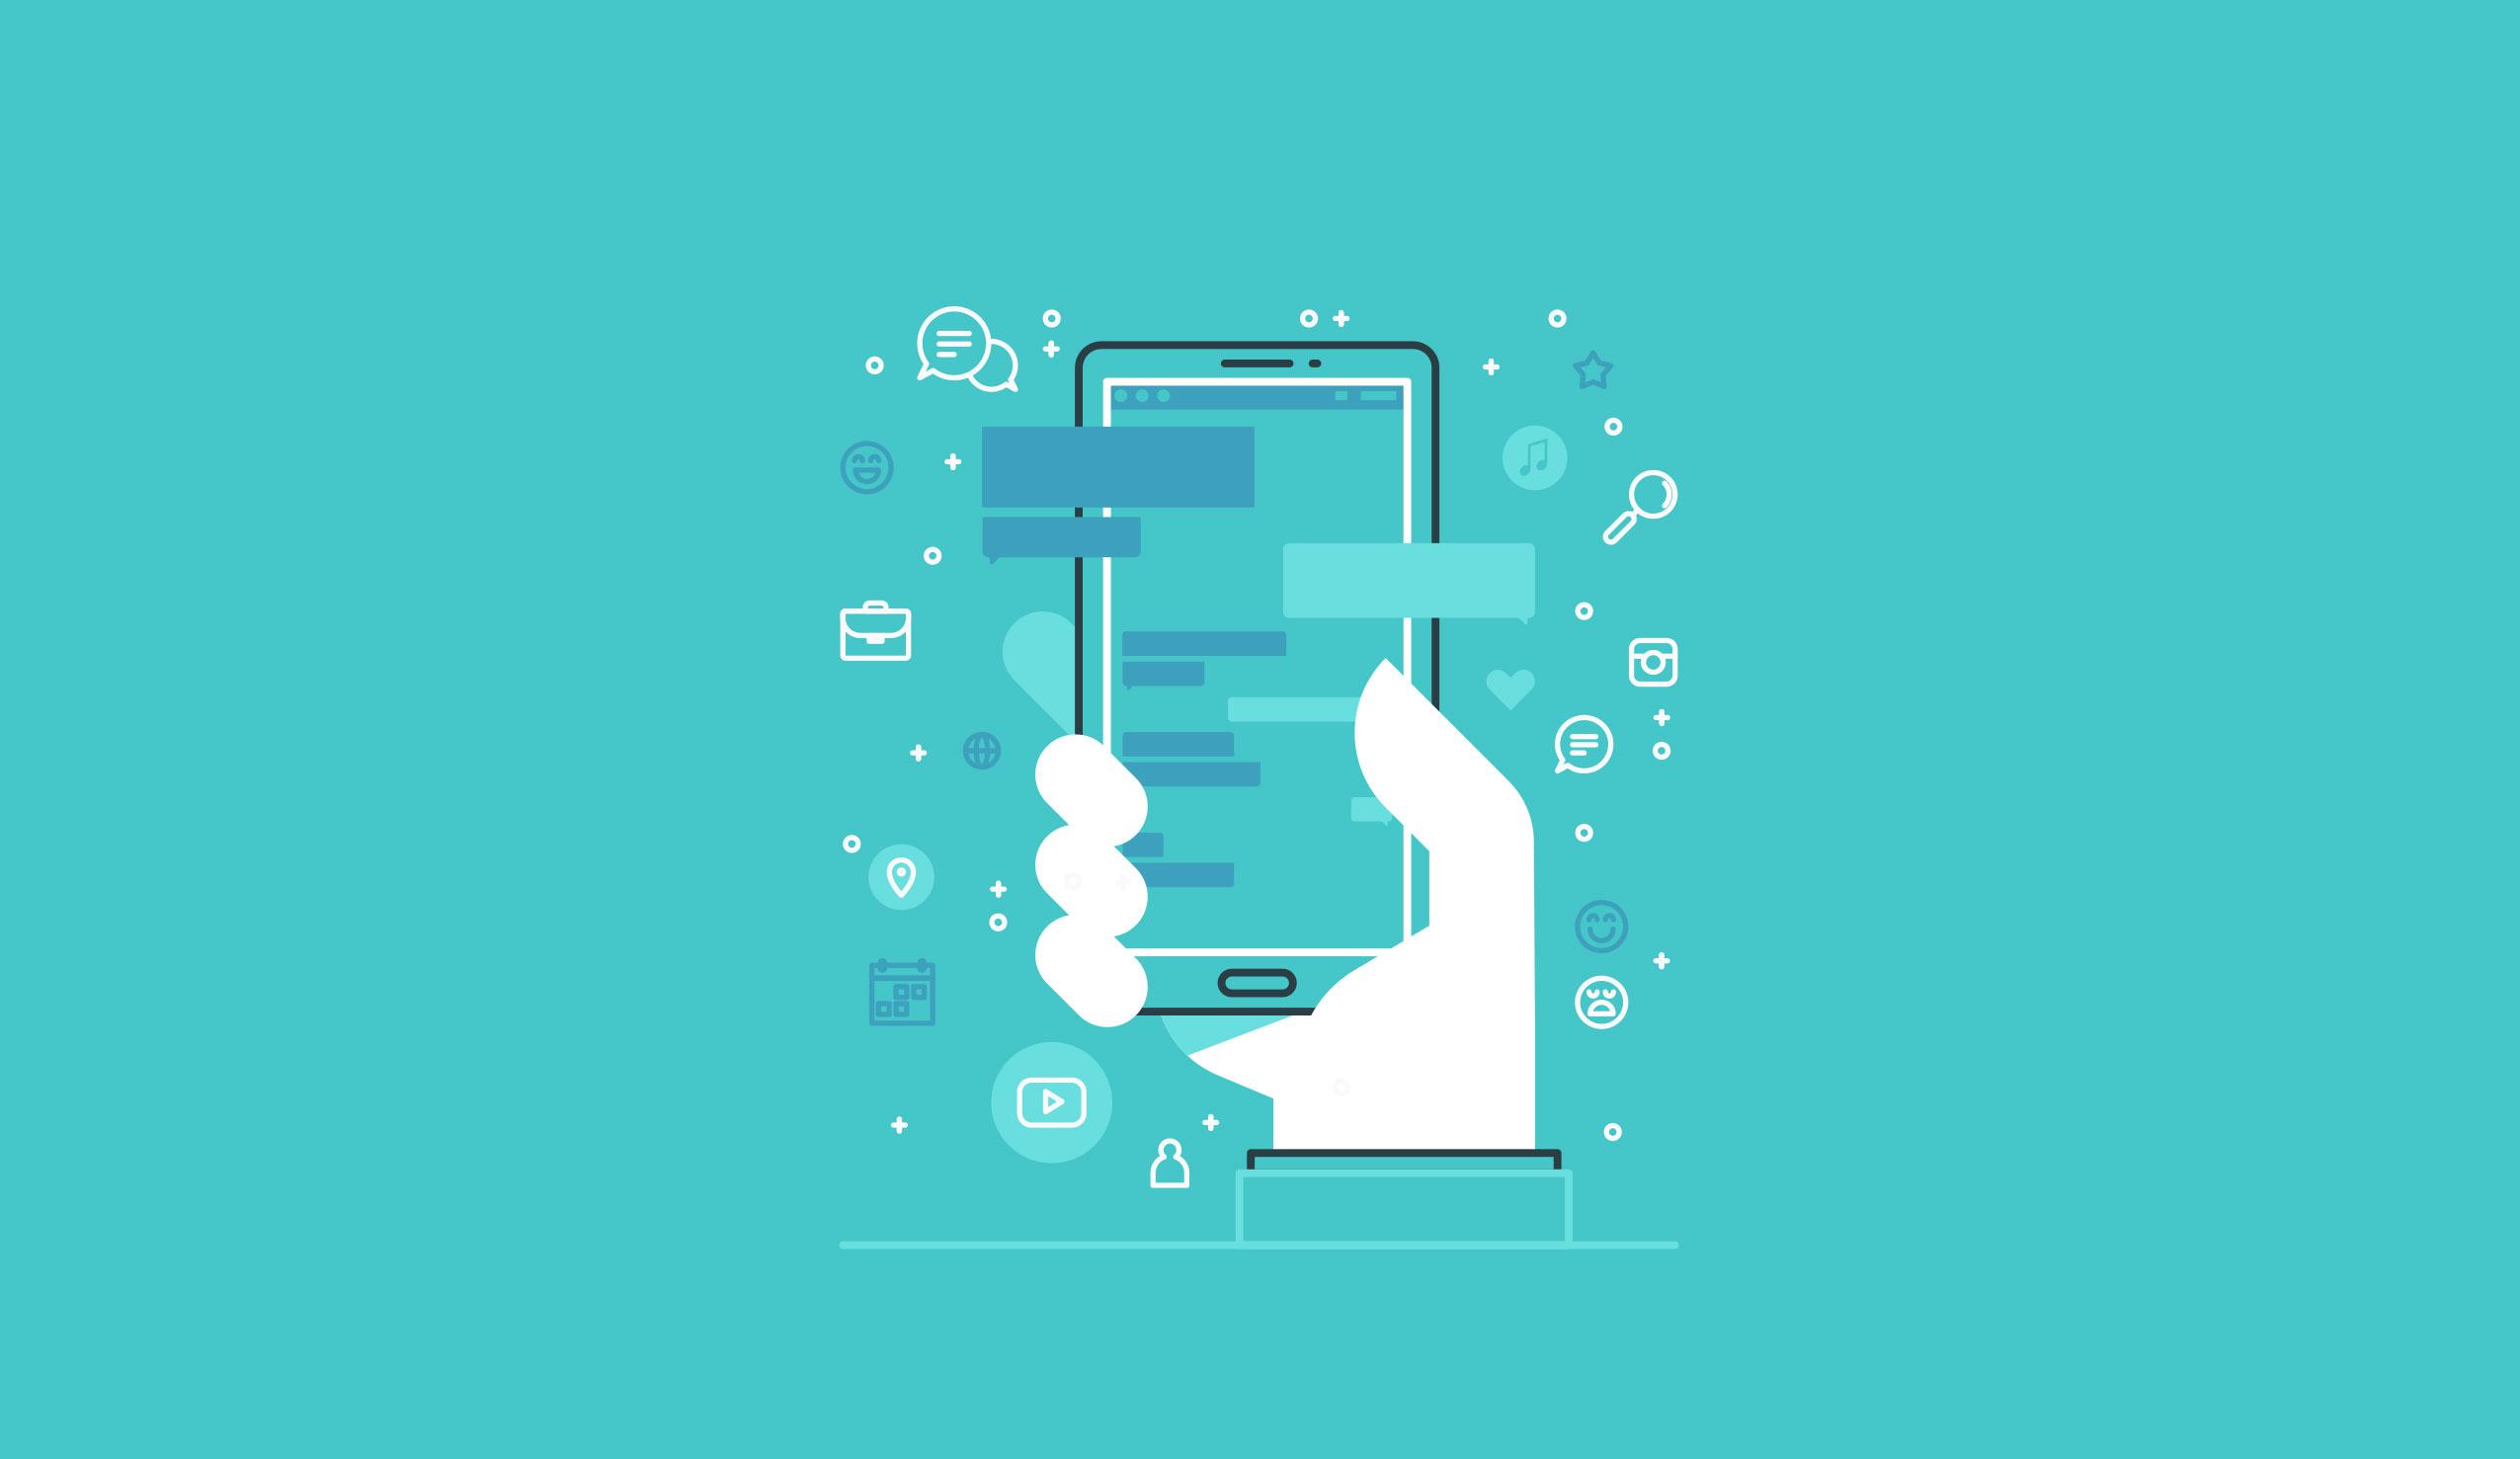 Sette consigli per sviluppare app mobili